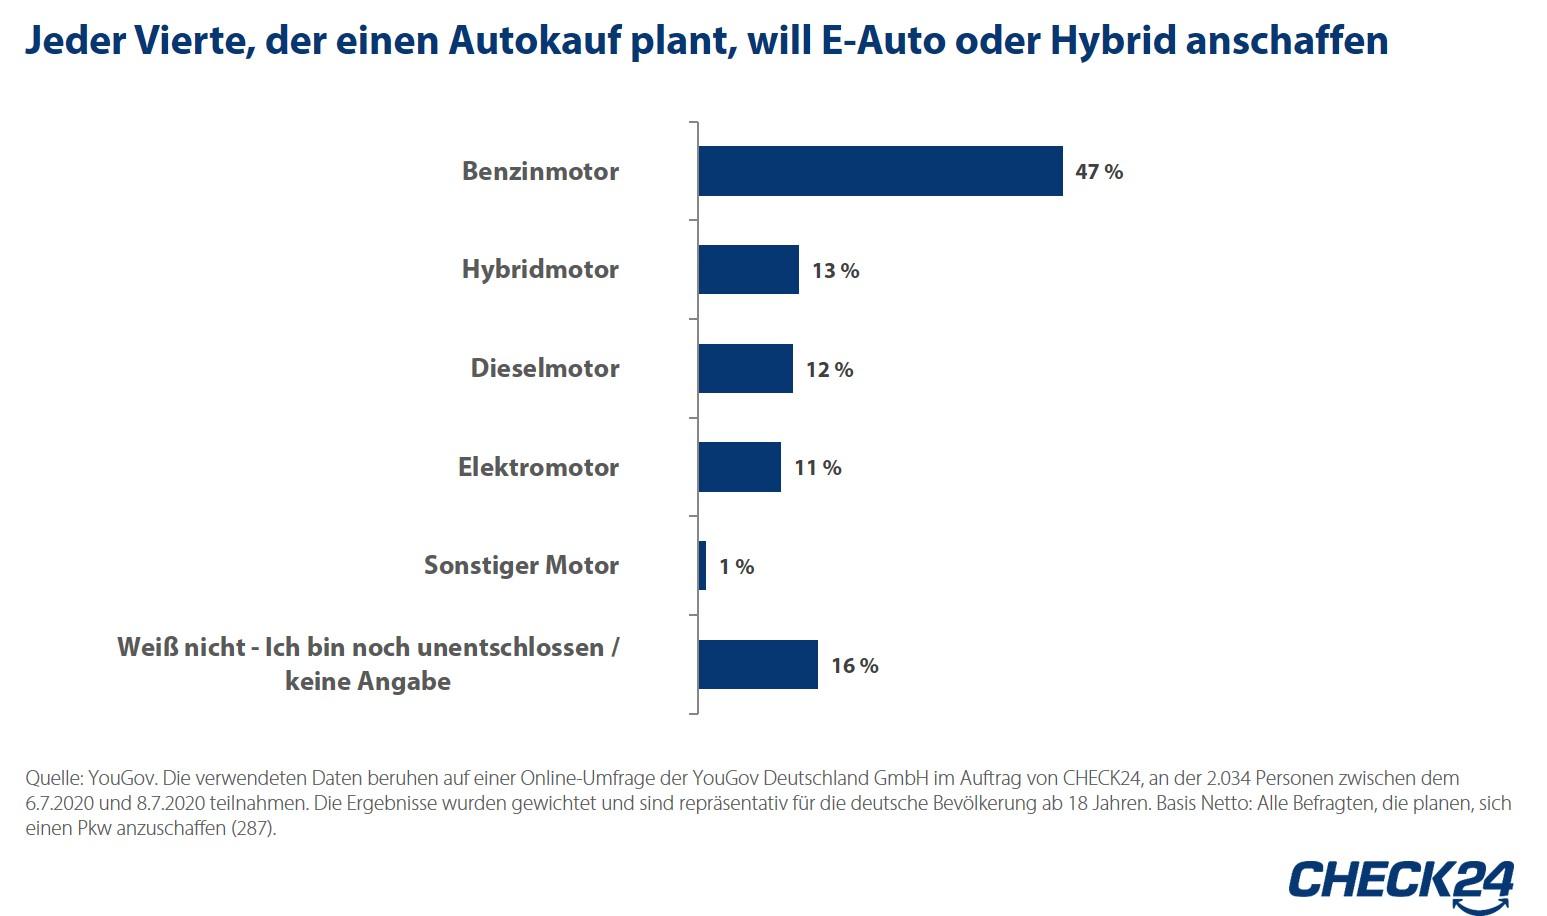 Autokauf: Interesse an Elektromobilität steigt